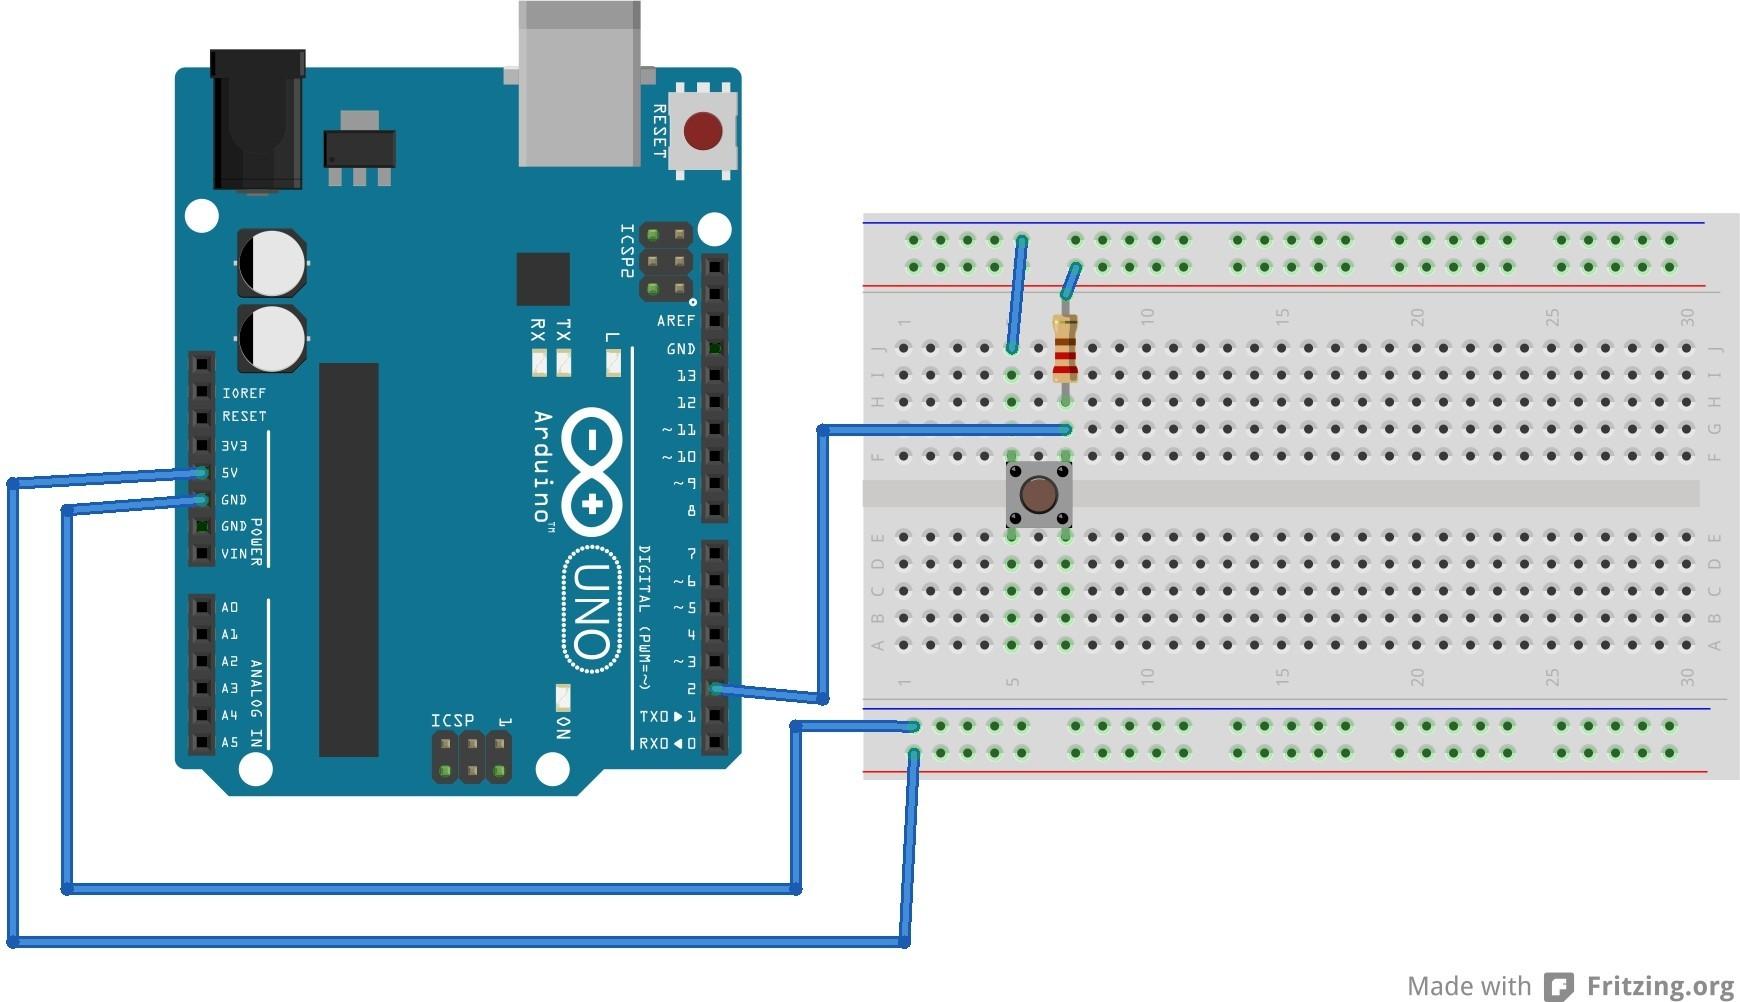 wiring diagram software arduino